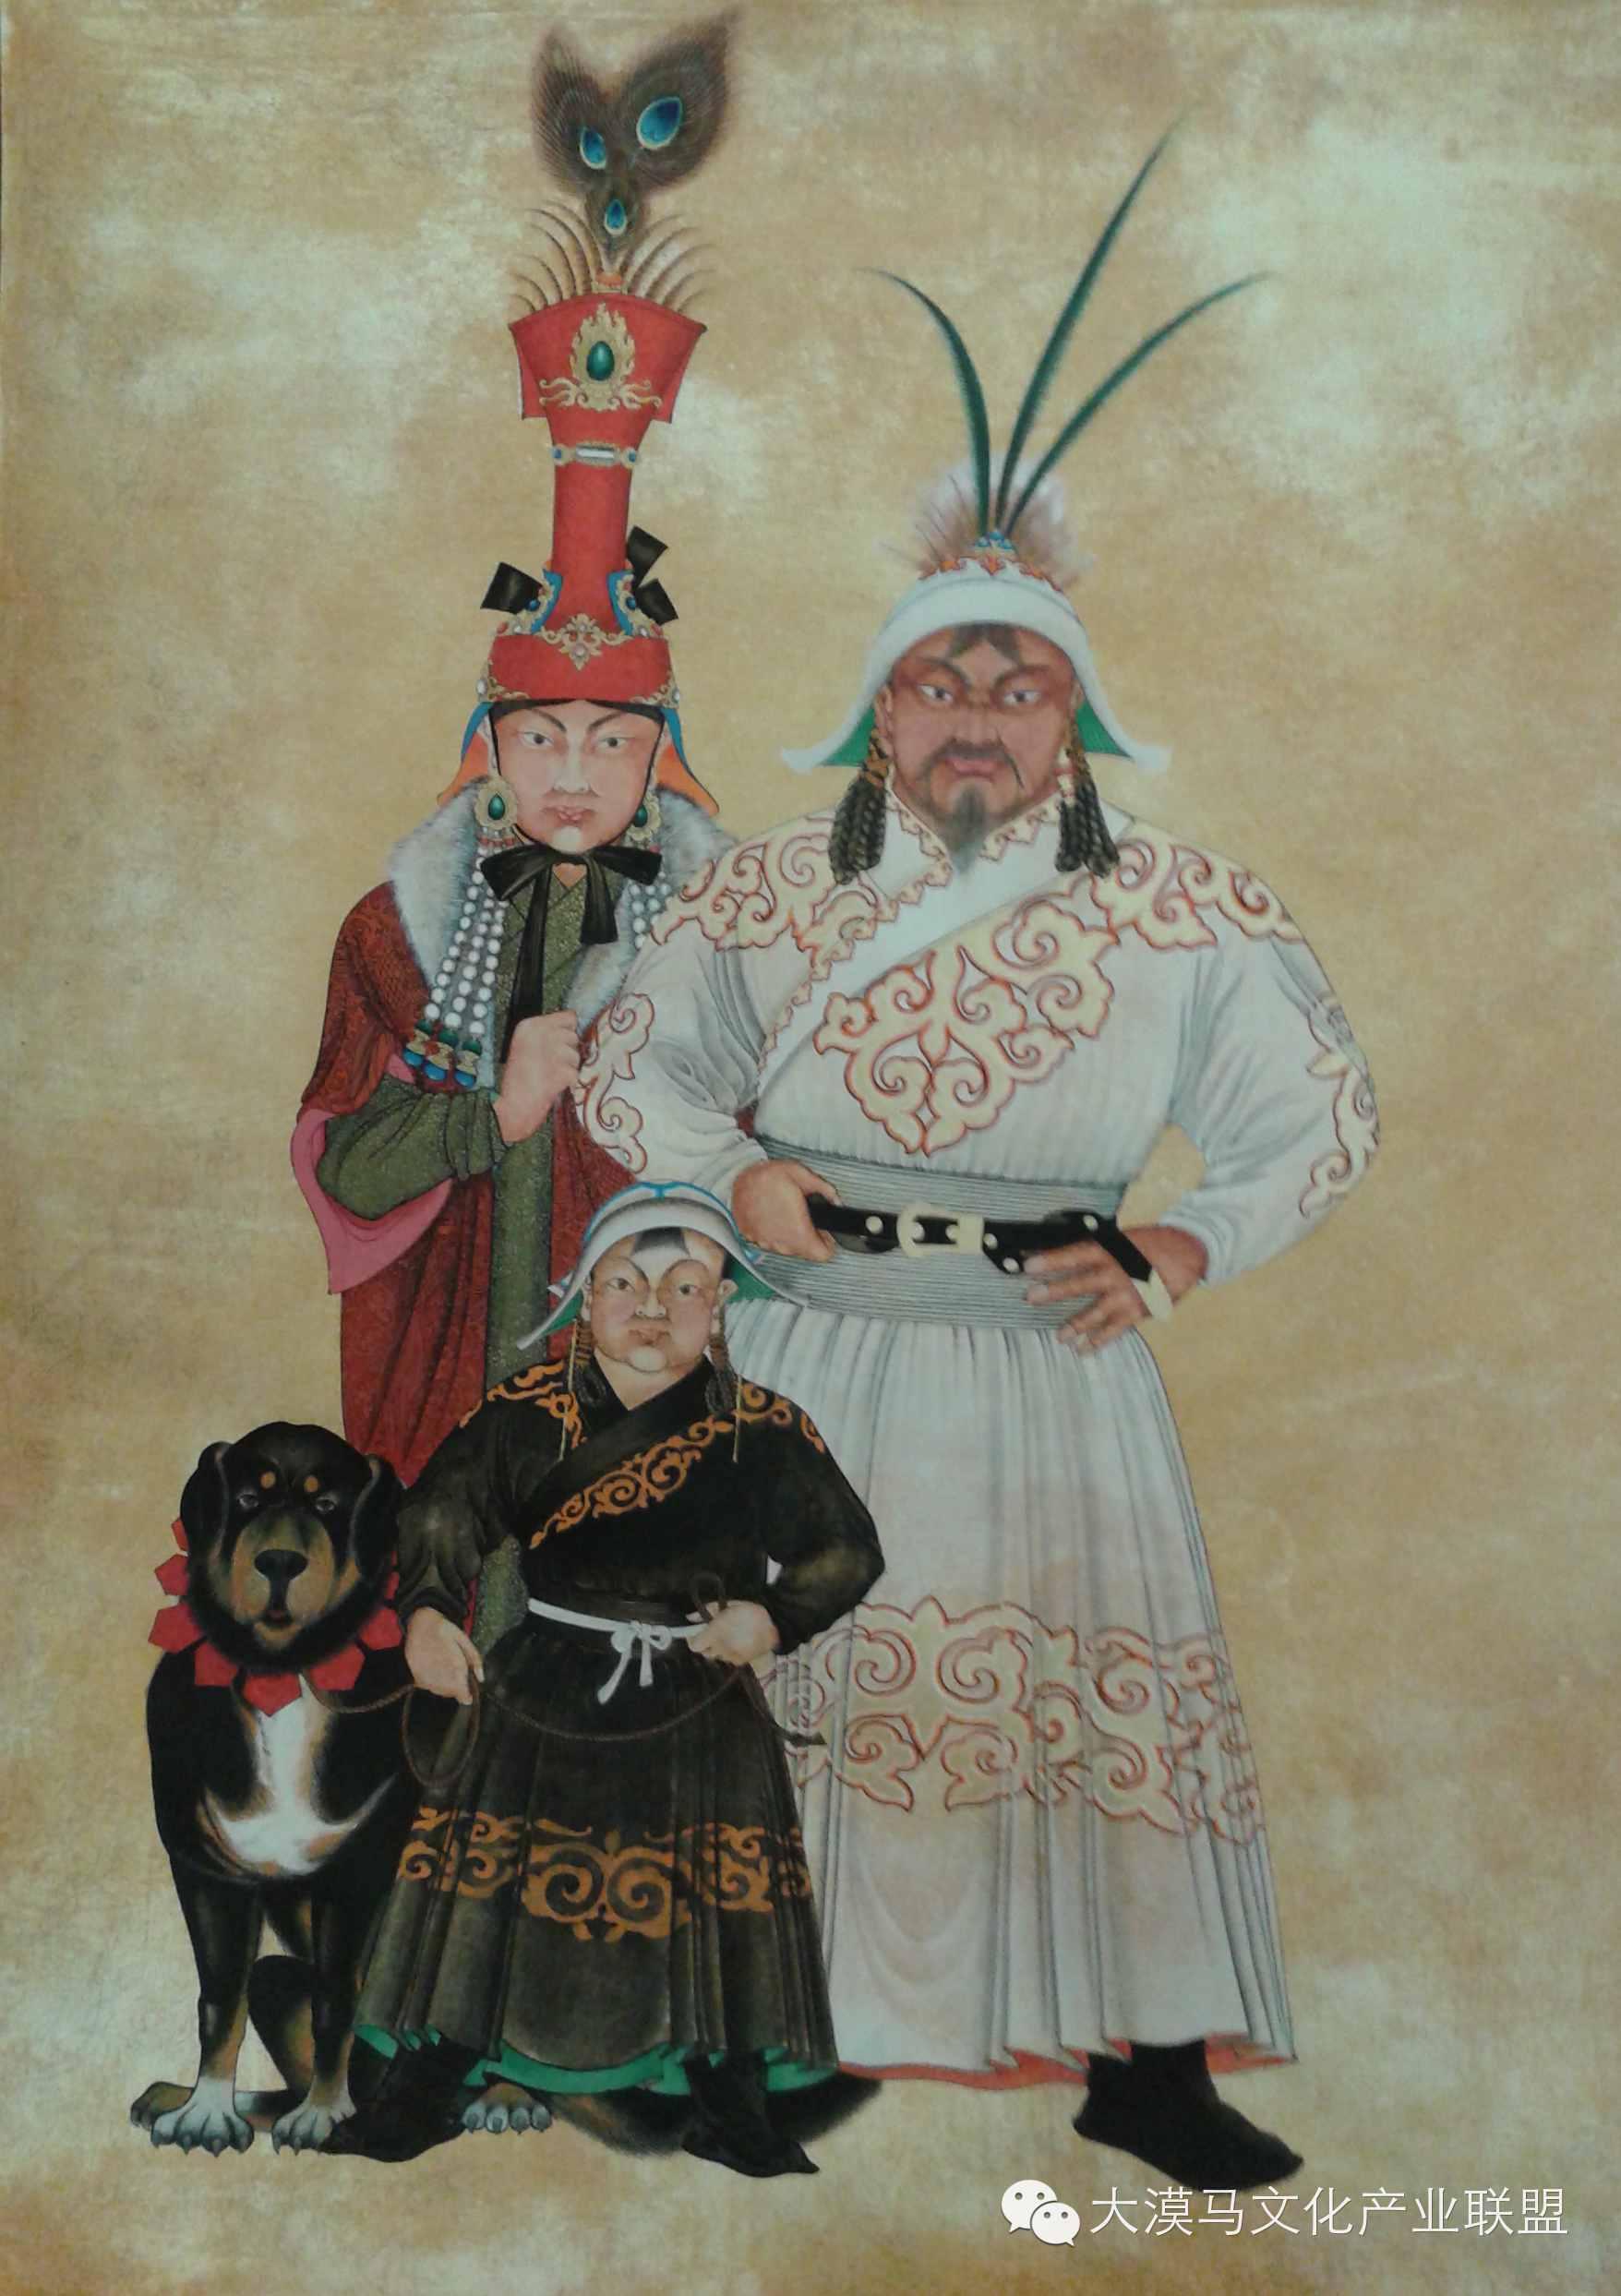 大召当代艺术中心蒙古国画家【拉·苏和巴特尔】 第9张 大召当代艺术中心蒙古国画家【拉·苏和巴特尔】 蒙古画廊